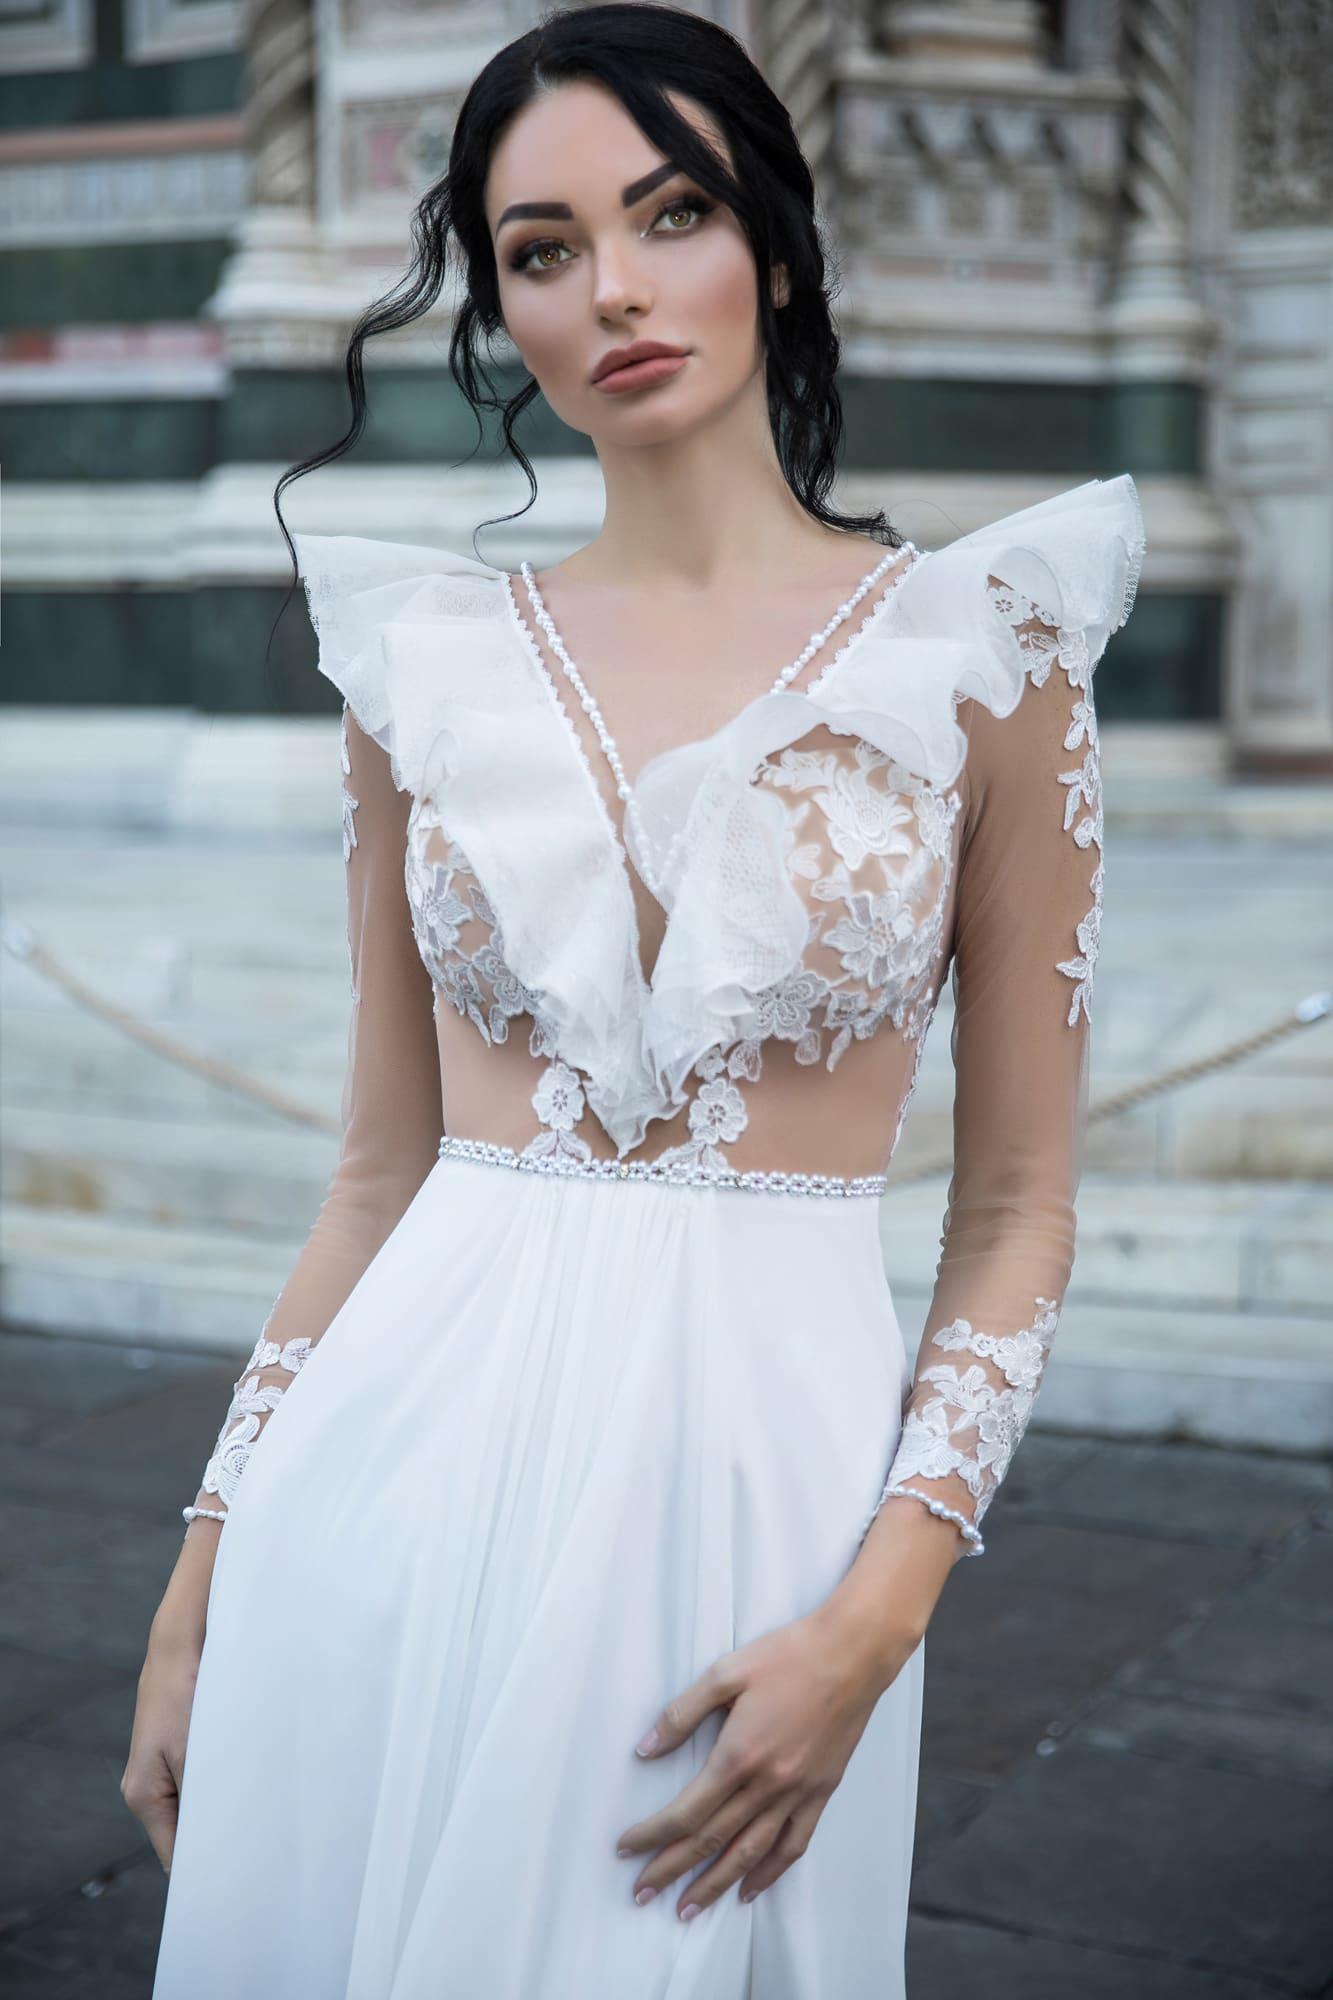 Прямое свадебное платье с объемными оборками по прозрачному верху с длинным рукавом.